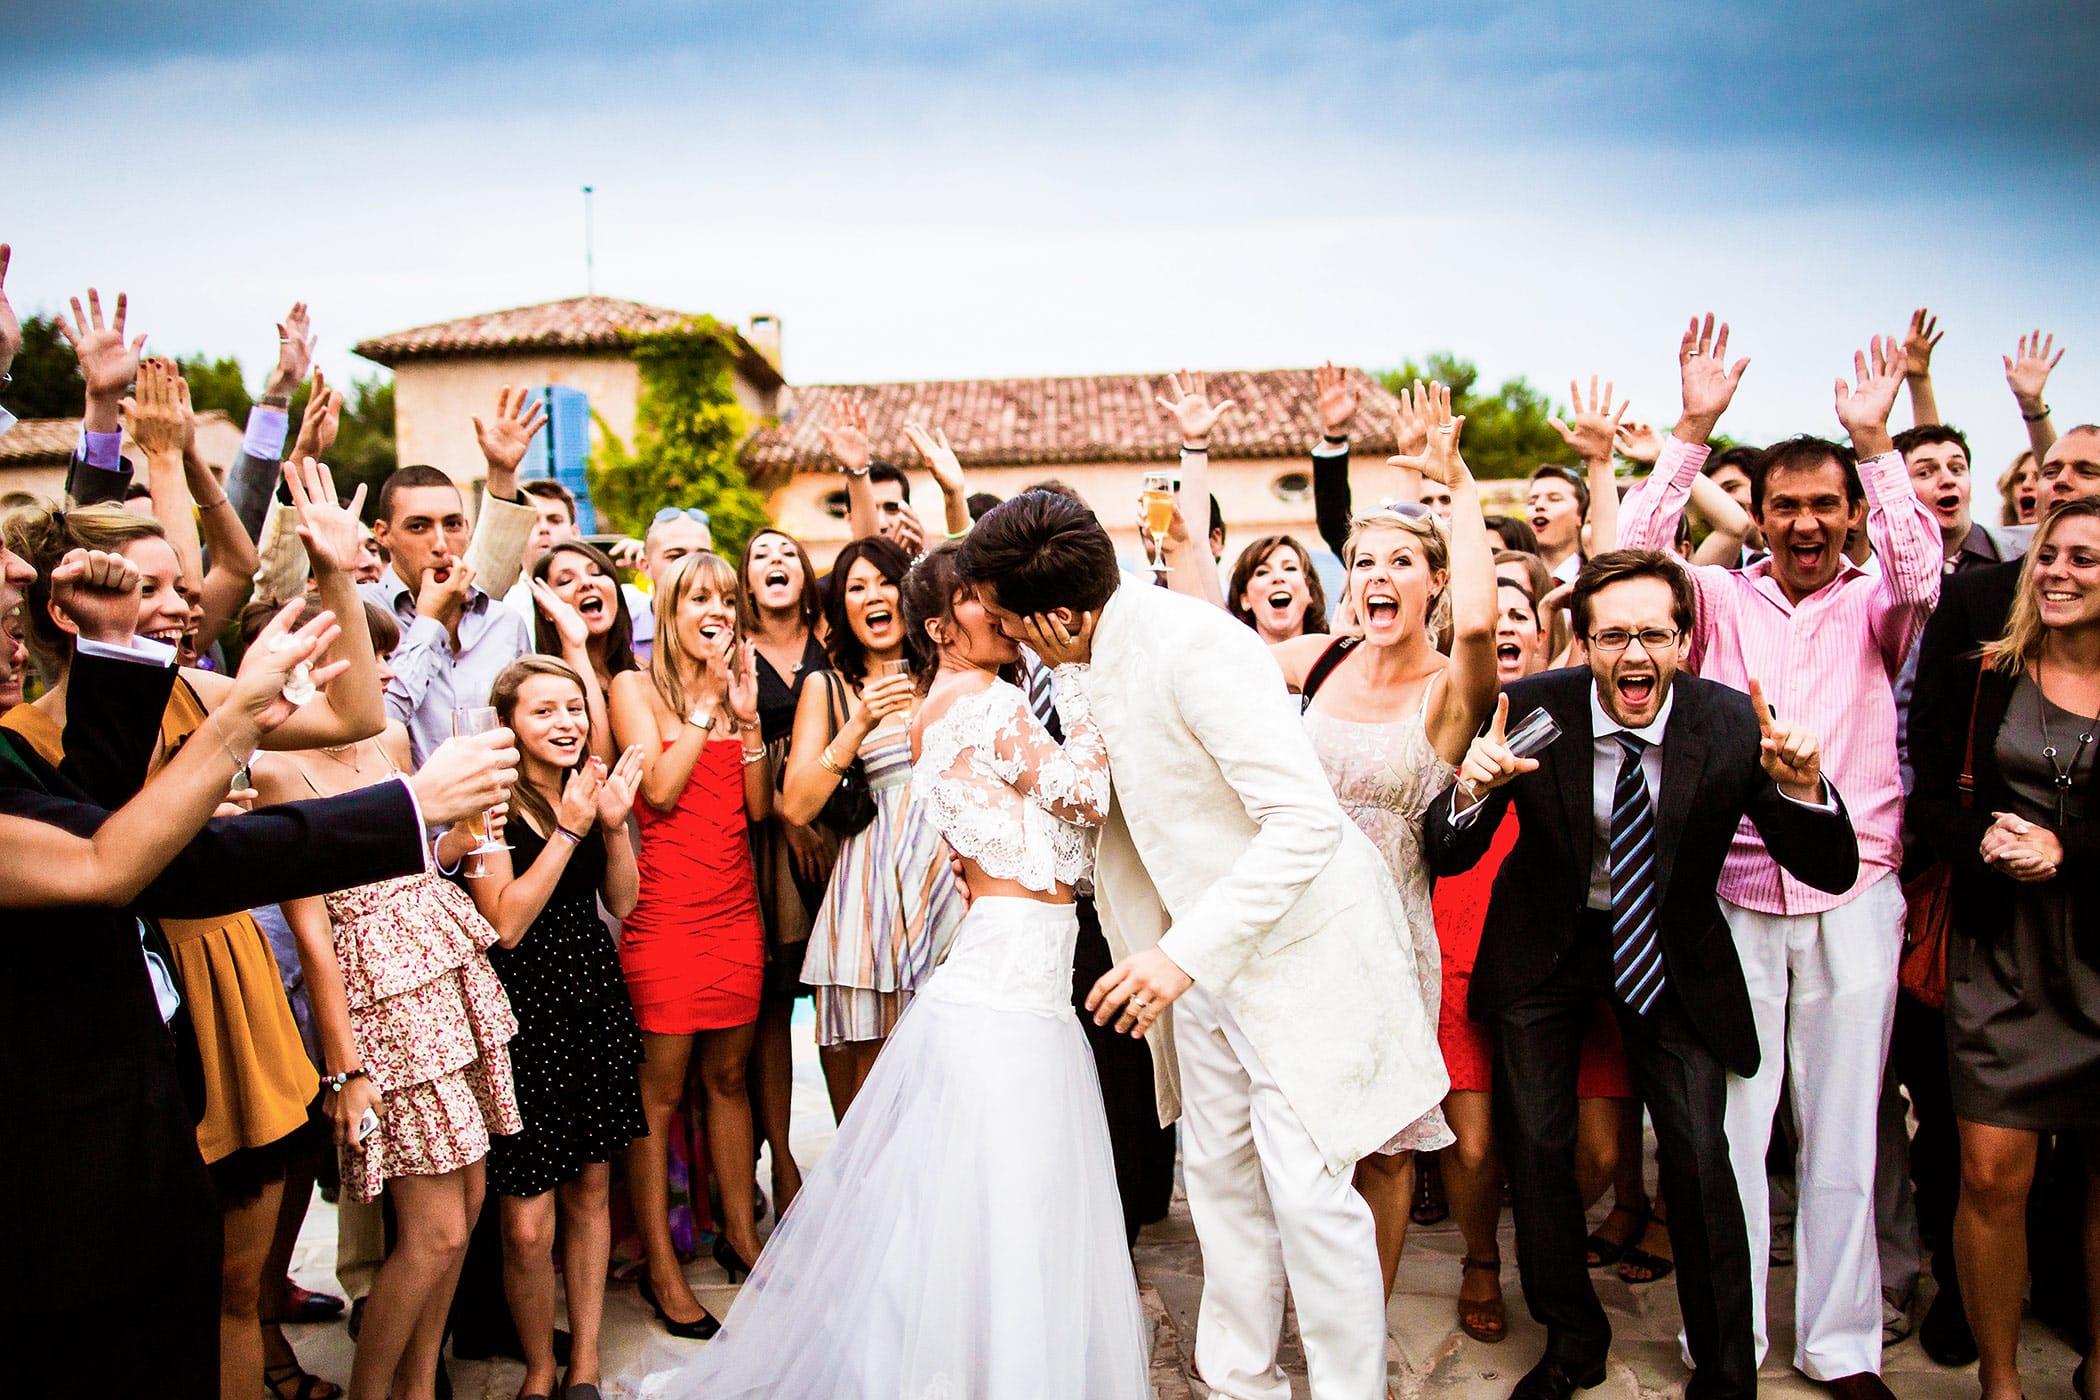 Hochzeitsfoto in Frankreich, witziges Gruppenfoto